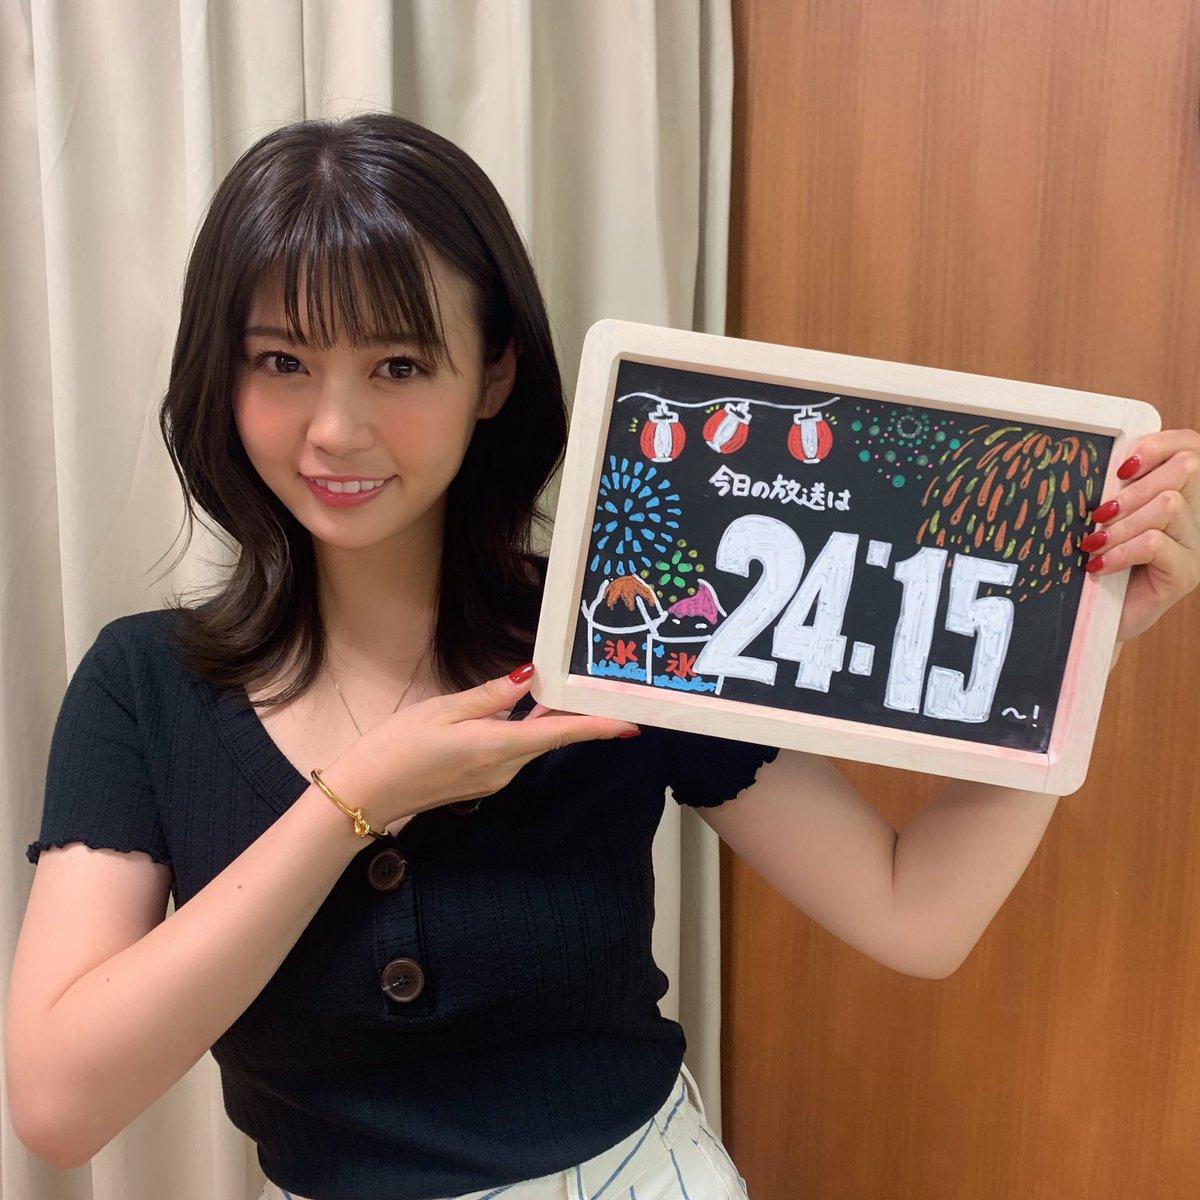 被影腳嘅日本財經女主播井口綾子 原來係雜誌封面水著女郎   Jdailyhk